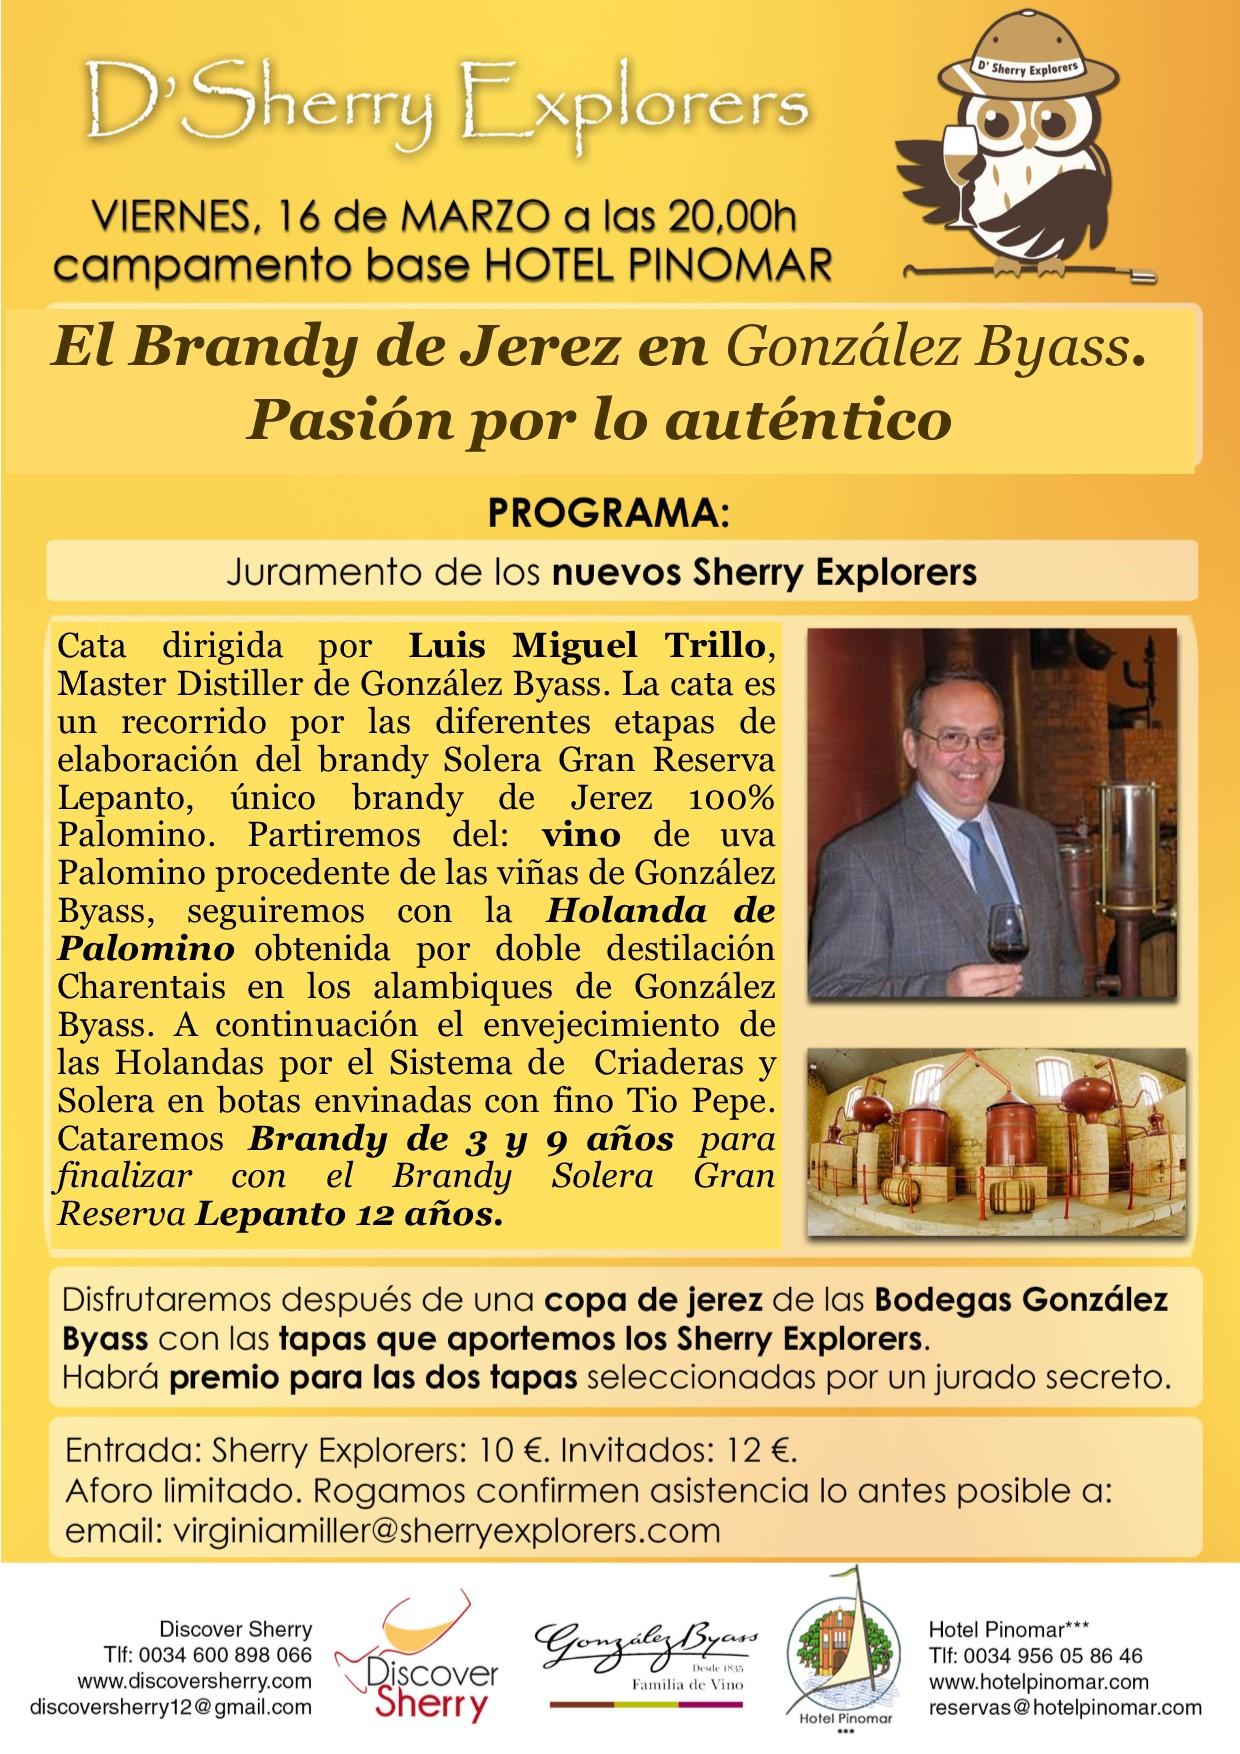 Master Distiller de González Byass, Luis Miguel Trillo, invitado de la reunión mensual de los Sherry Explorers.(Spanish)